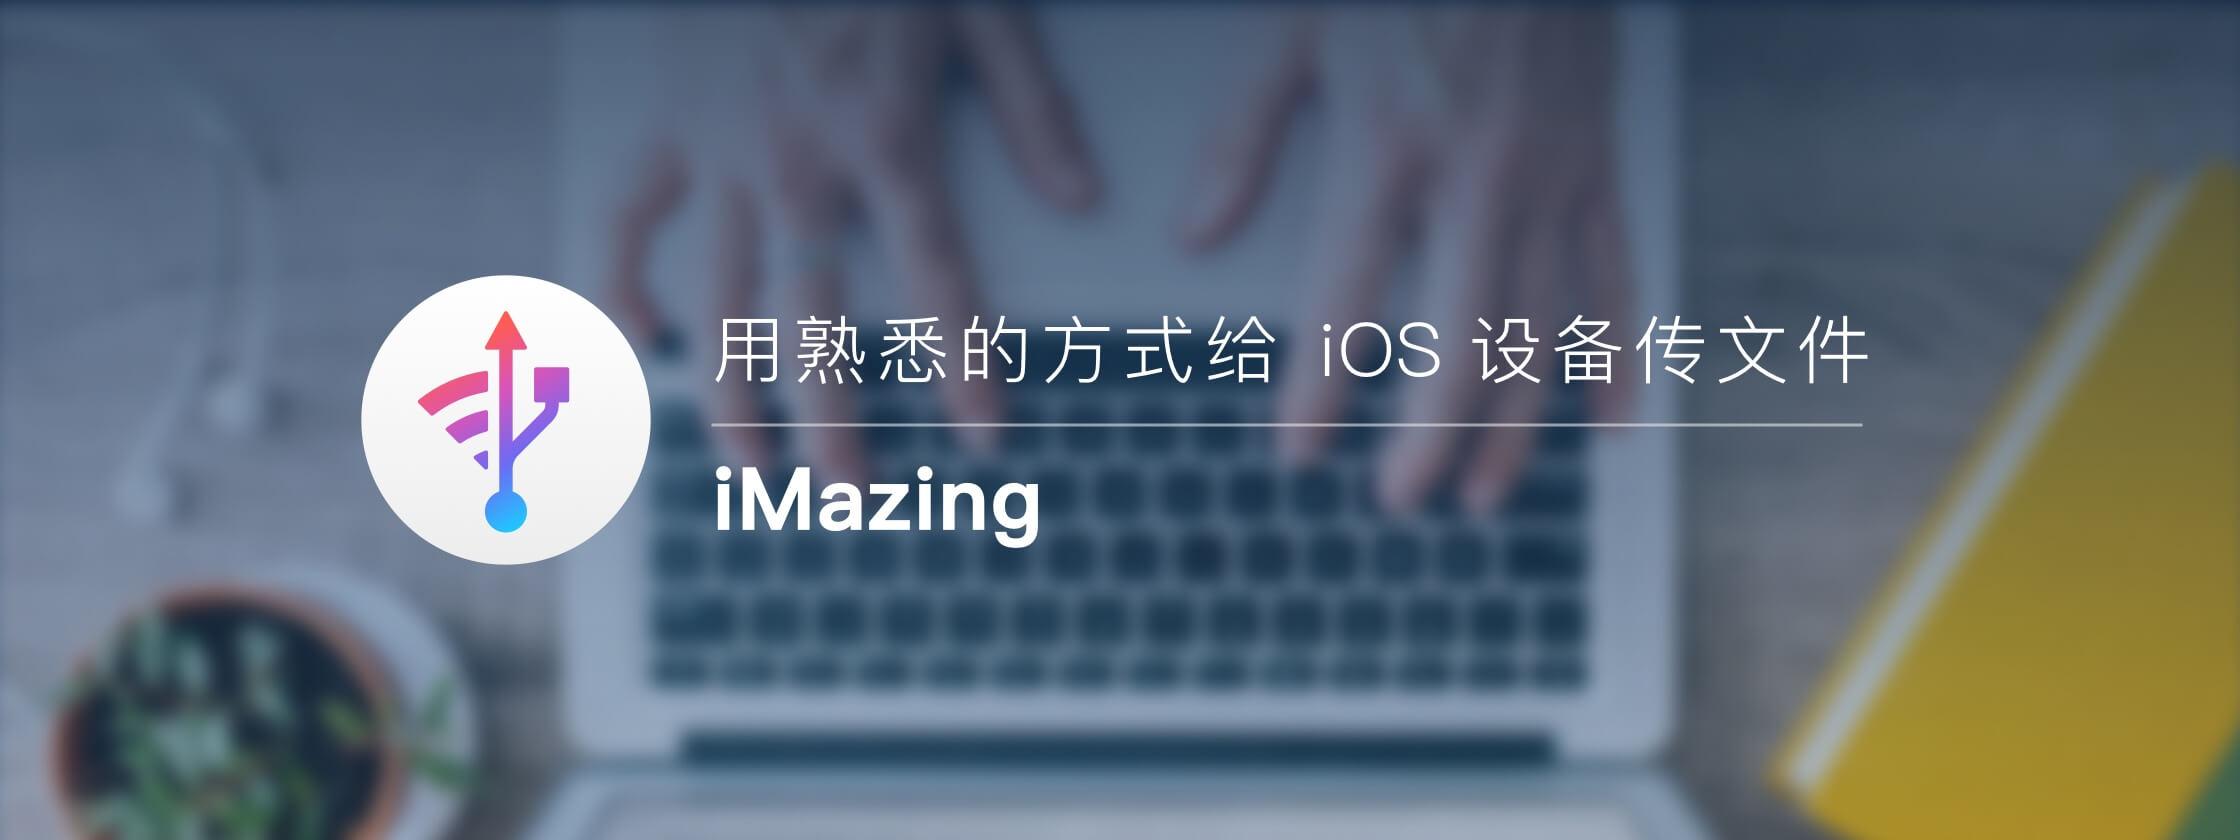 用熟悉的方式给 iOS 设备传文件:iMazing